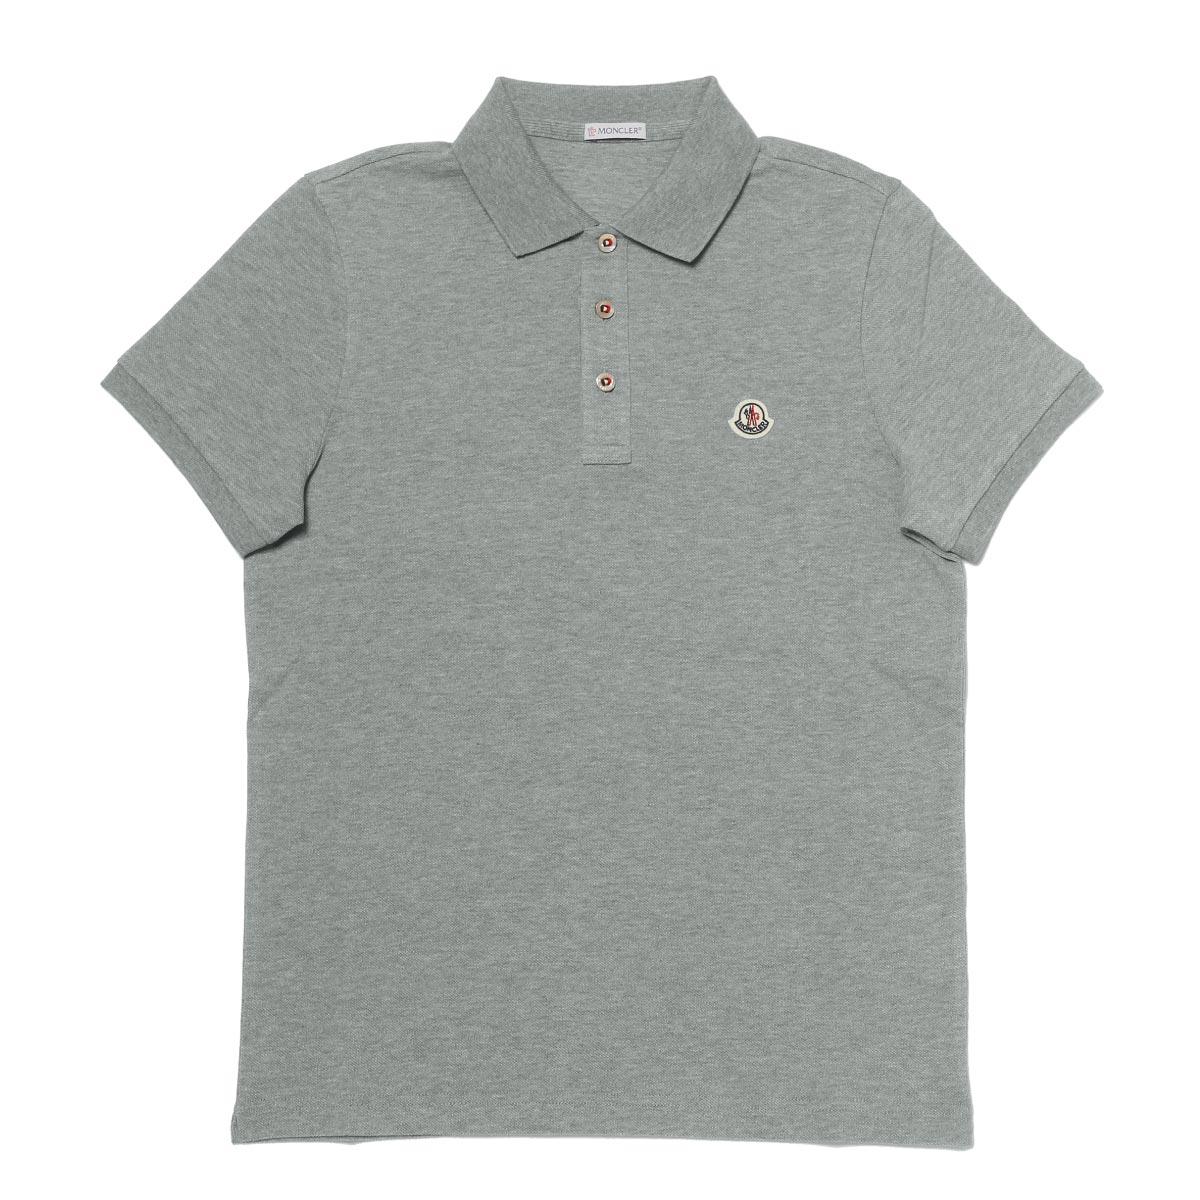 モンクレール MONCLER ポロシャツ メンズ 8340800 84556 984 半袖ポロシャツ GREY グレー